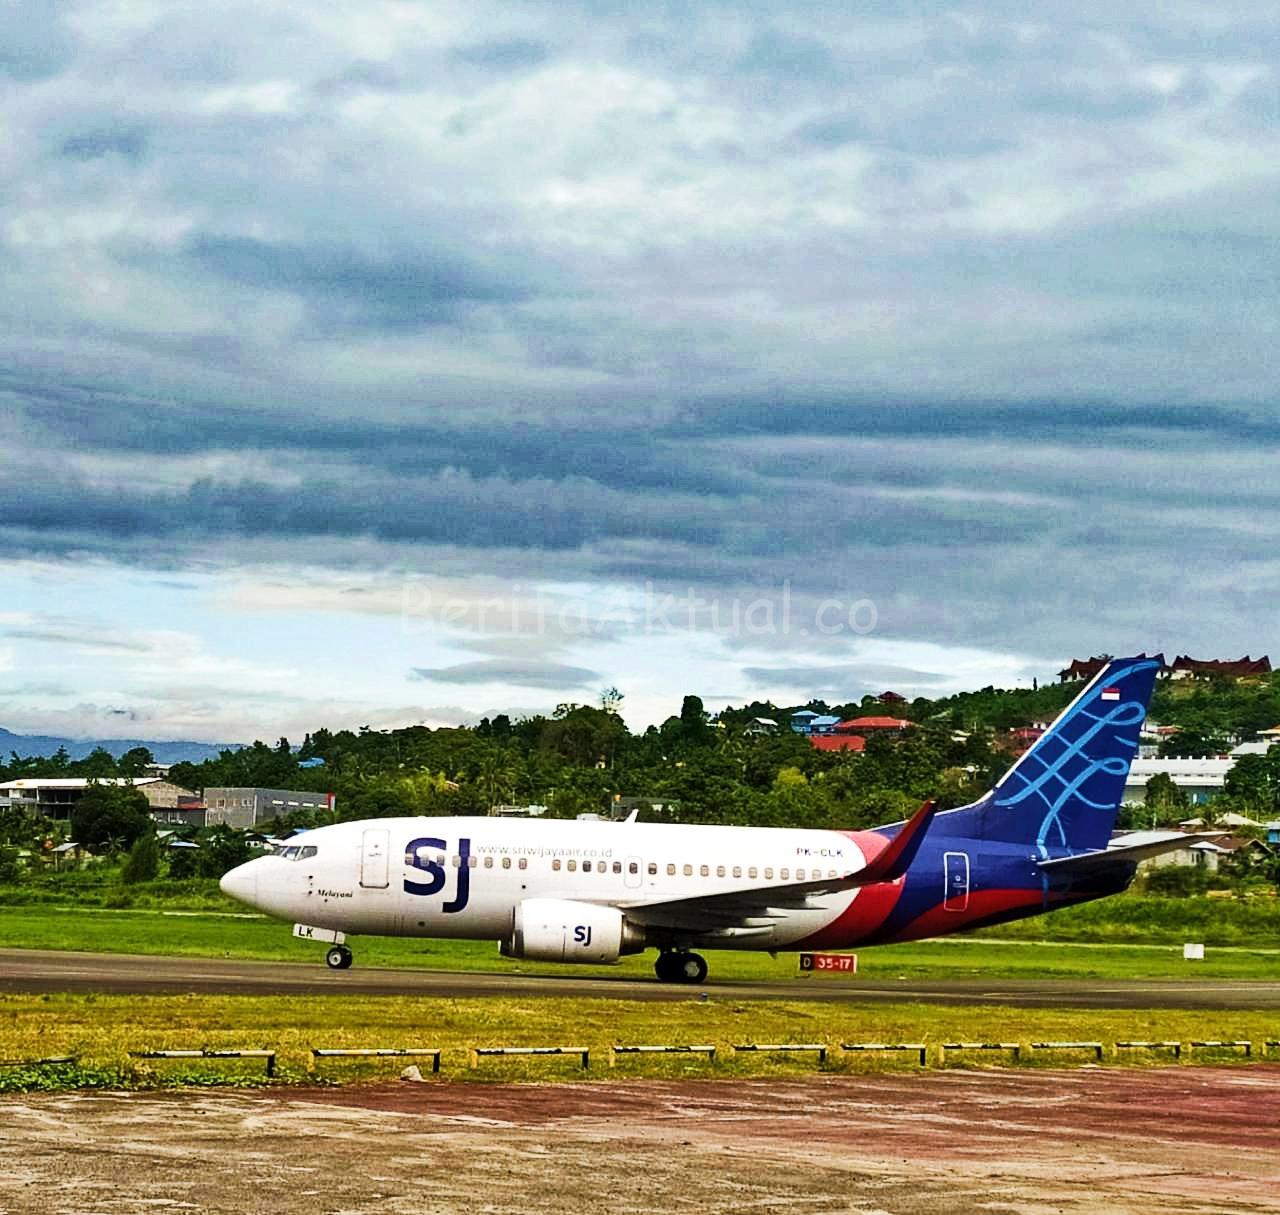 Sriwijaya Air Sediakan Fasilitas Rapid Test Bagi Calon Penumpang 1 IMG 20200617 WA0030 1